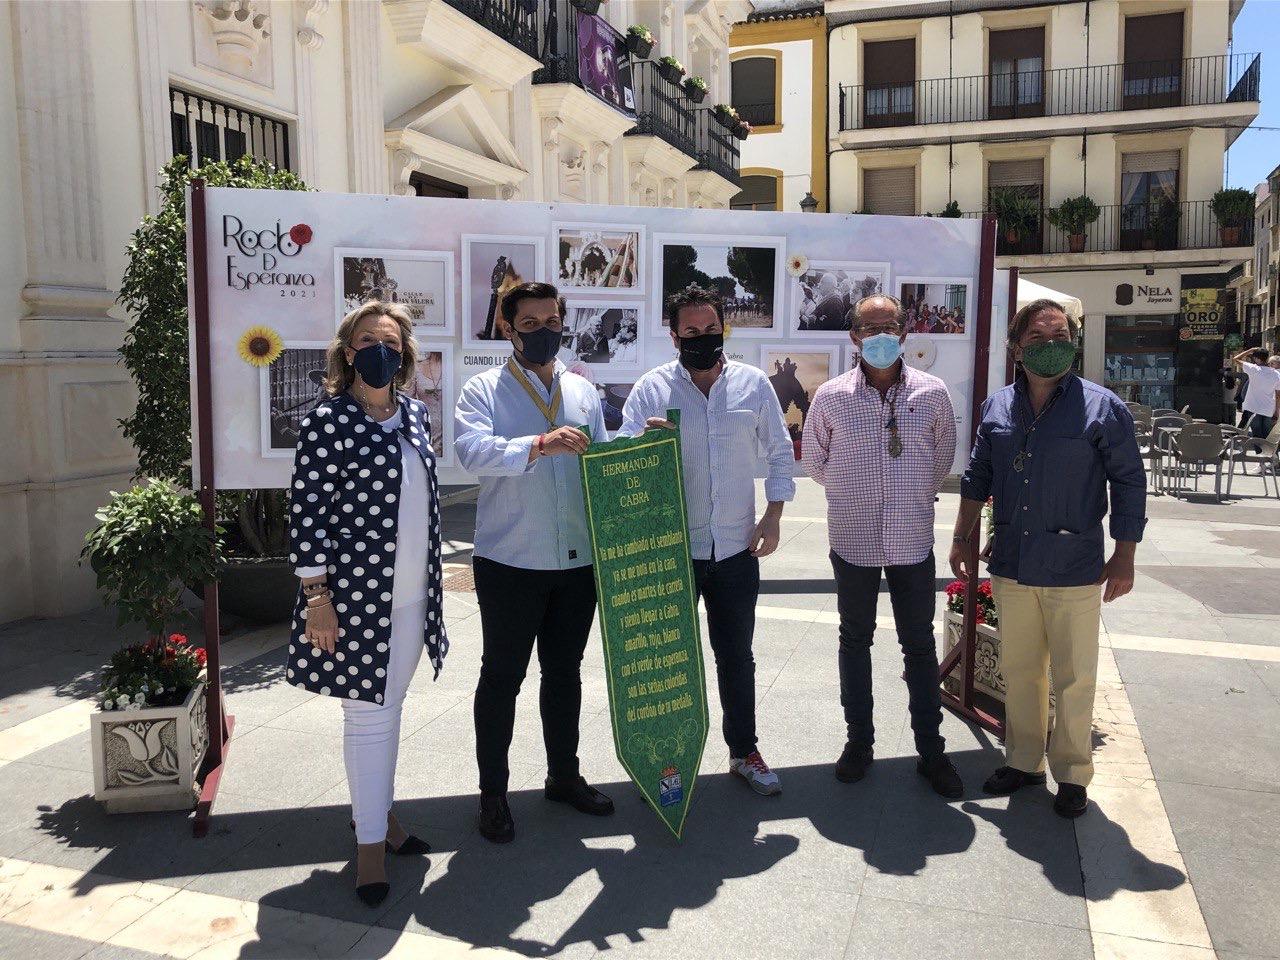 El Ayuntamiento de Cabra instala unos paneles fotográficos para conmemorar la Romería del Rocío